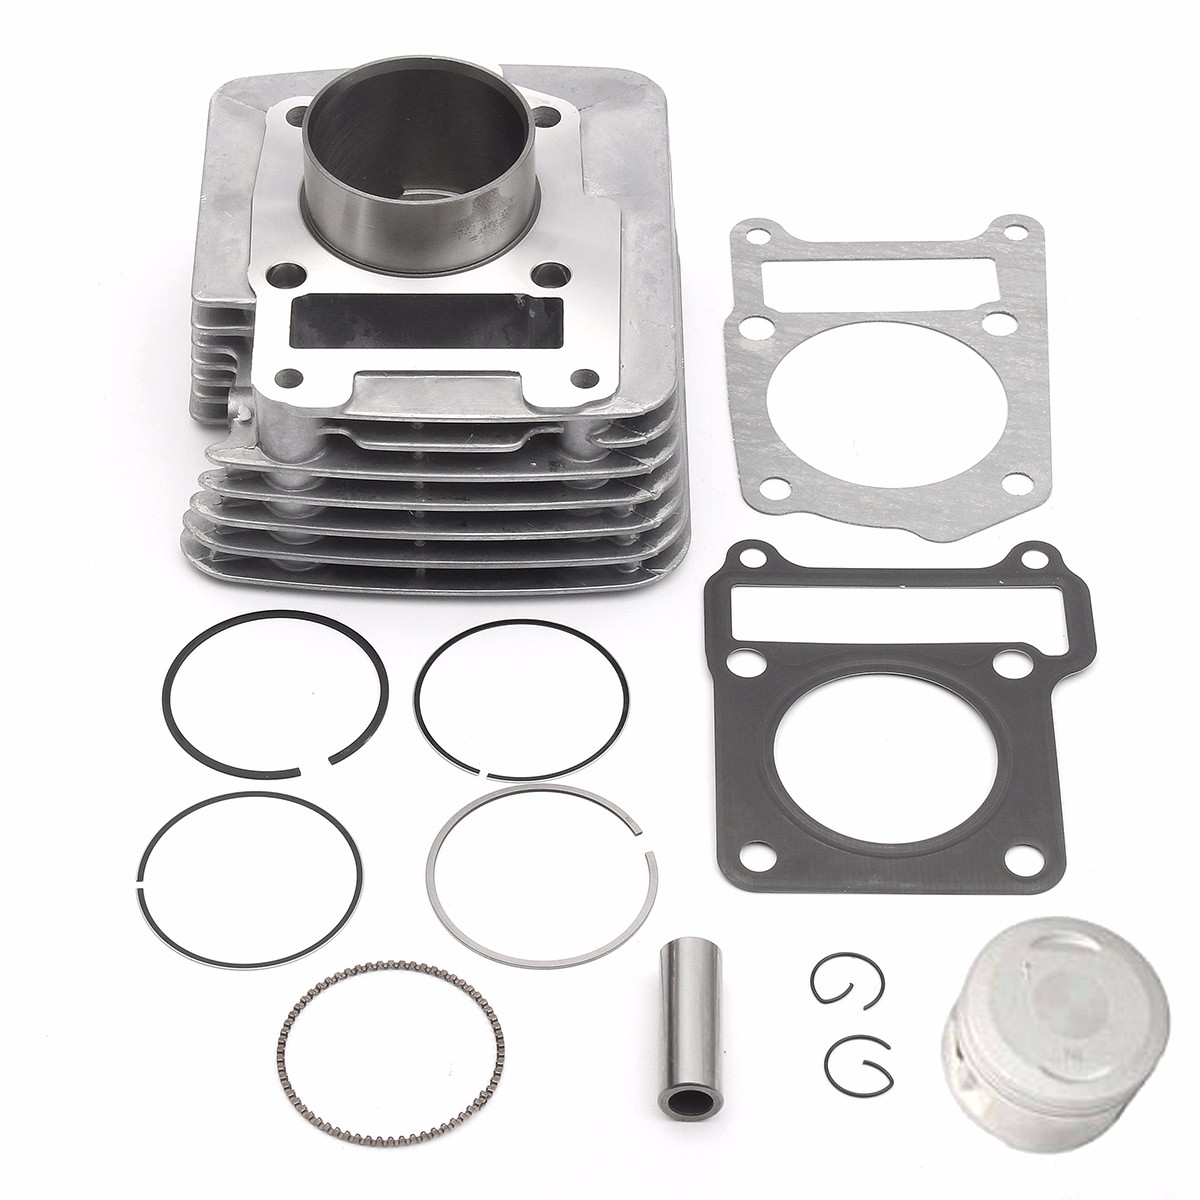 Kit de jeu de segments de Piston de cylindre en aluminium pour Yamaha TTR 125 2000-2003 TTR125 2000-2004